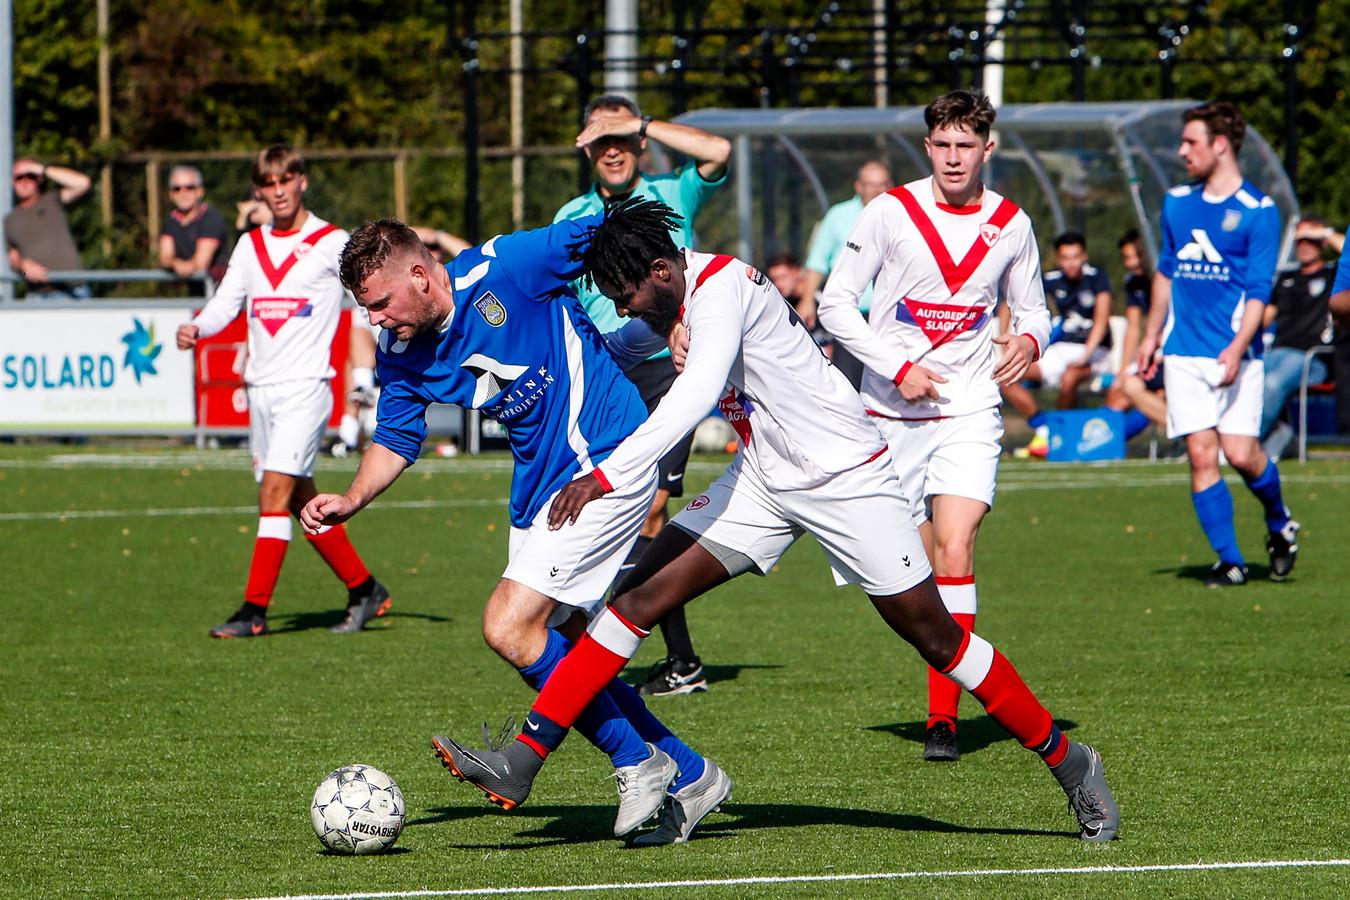 Jarno van t Hof duelleert met SP. Deventer-speler Emmanuel Rushimirwa